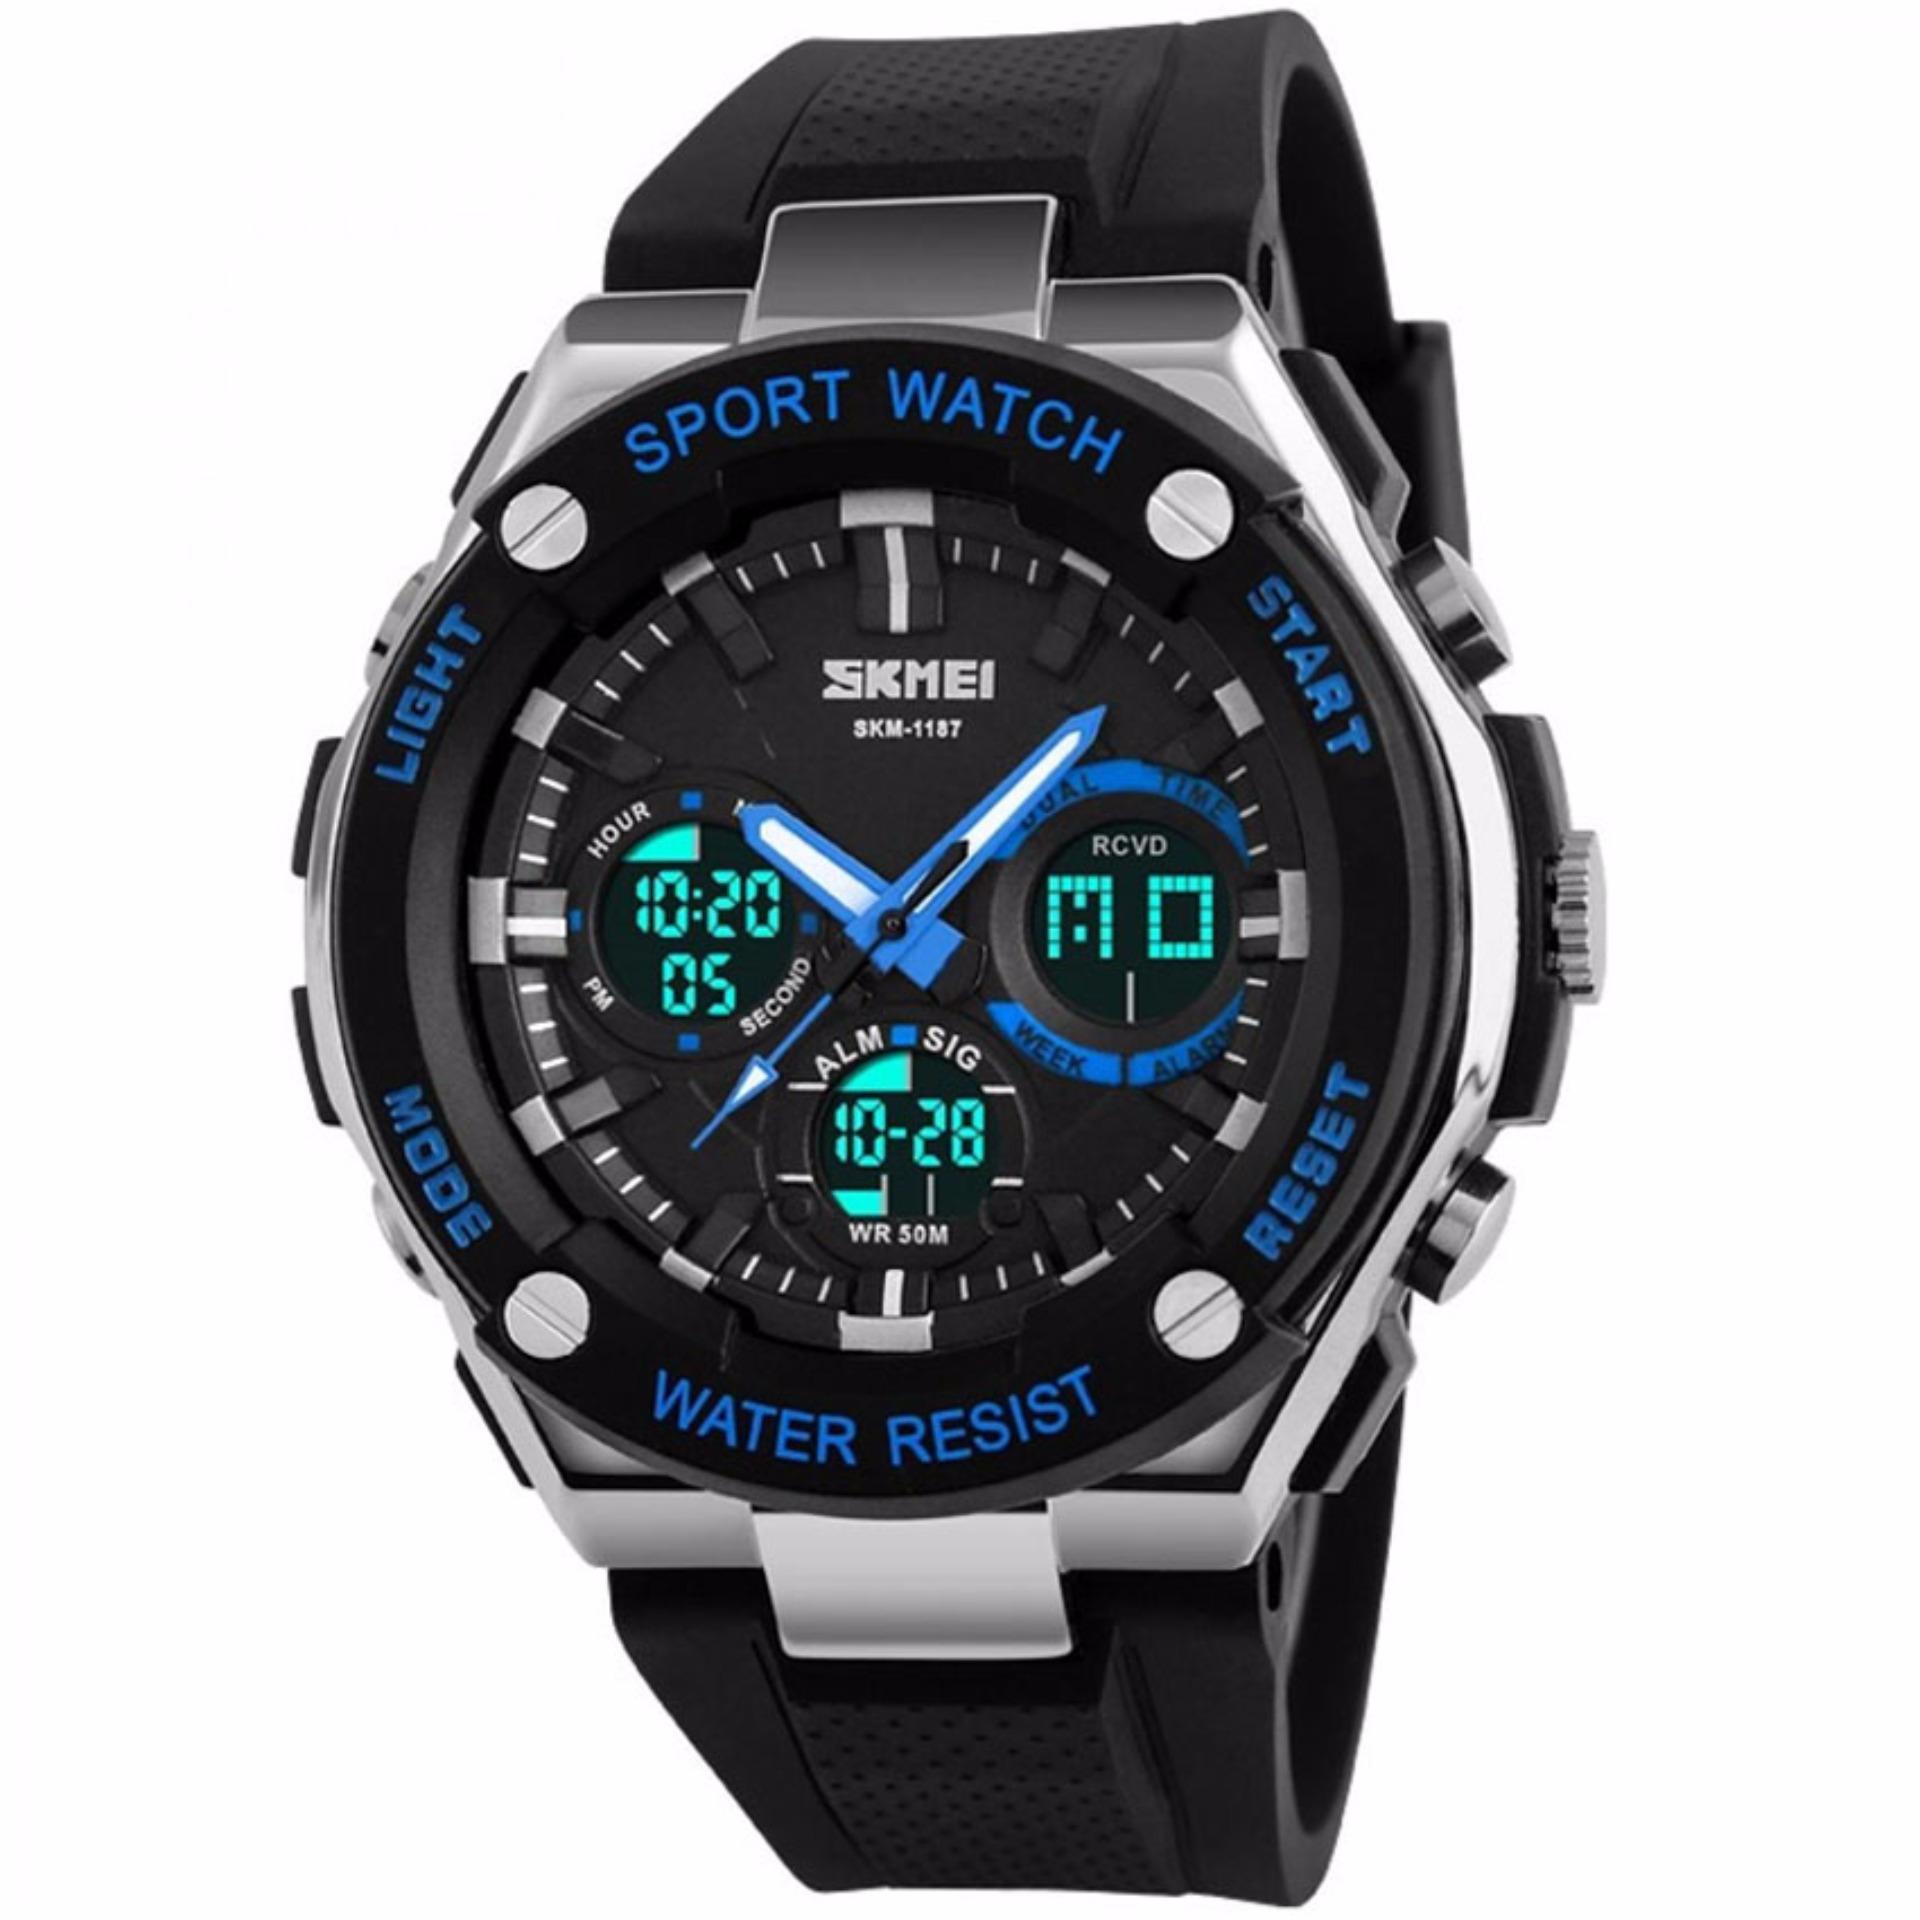 Ulasan Lengkap Tentang Skmei Dual Time Men Sport Led Watch Water Resistant 50M Ad1187 Jam Tangan Pria Tali Karet Hitam Biru